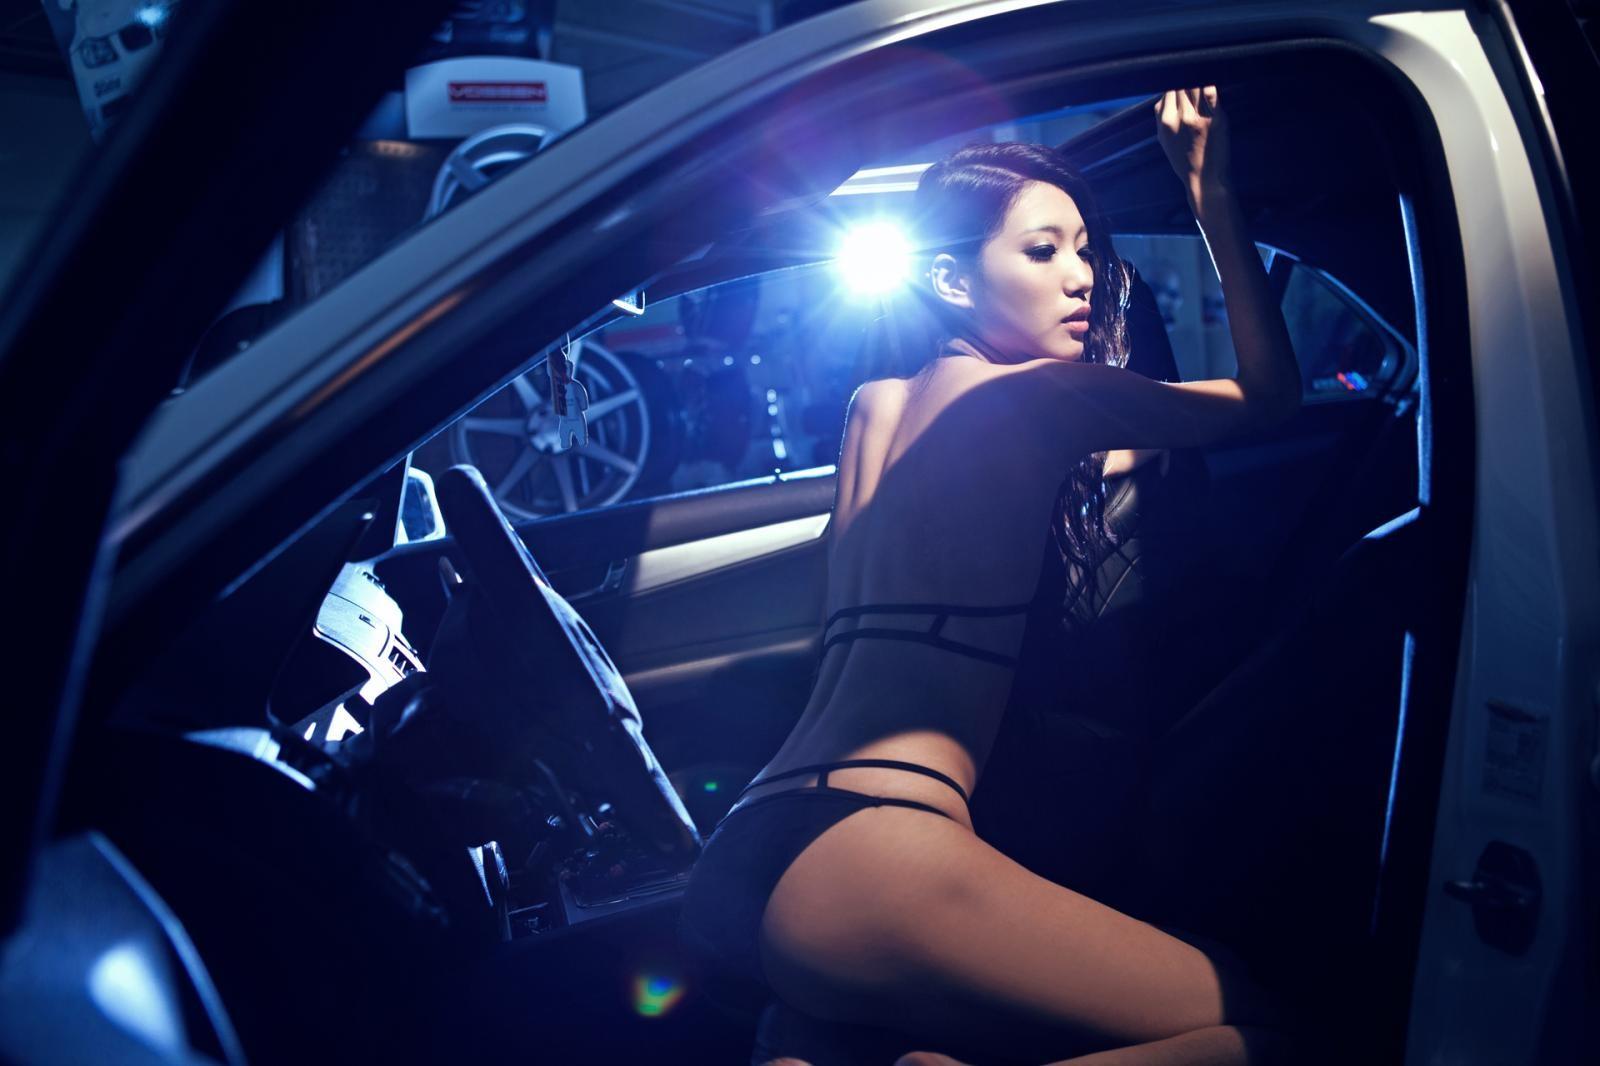 Giai nhân mặc bikini thể hiện thân thể mảnh mai cùng AMG C63